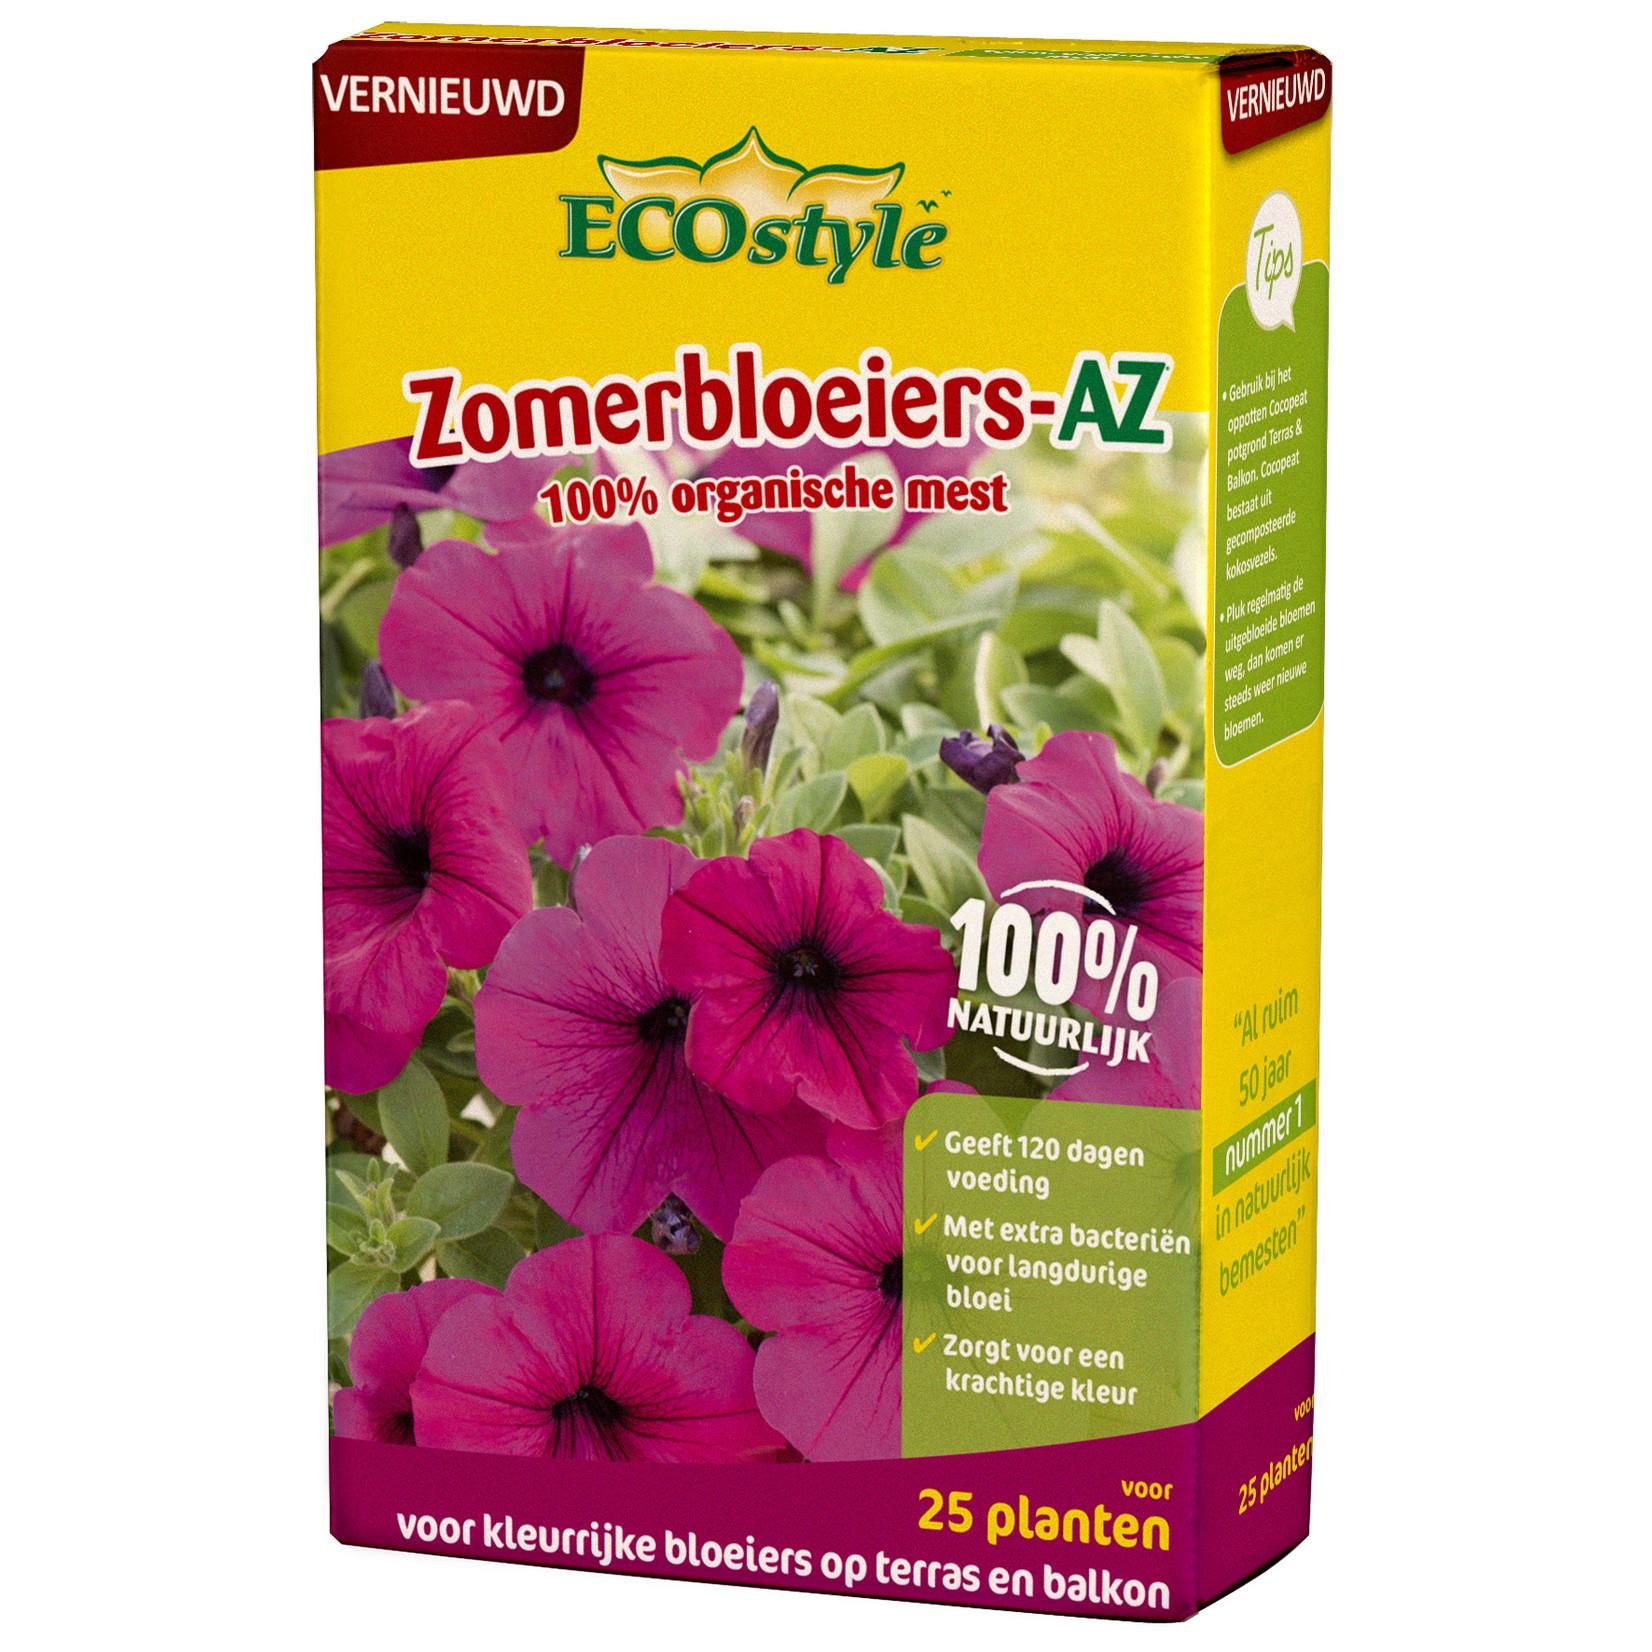 Ecostyle Zomerbloeiers-AZ meststof 800 gram (voor ca. 25 planten)